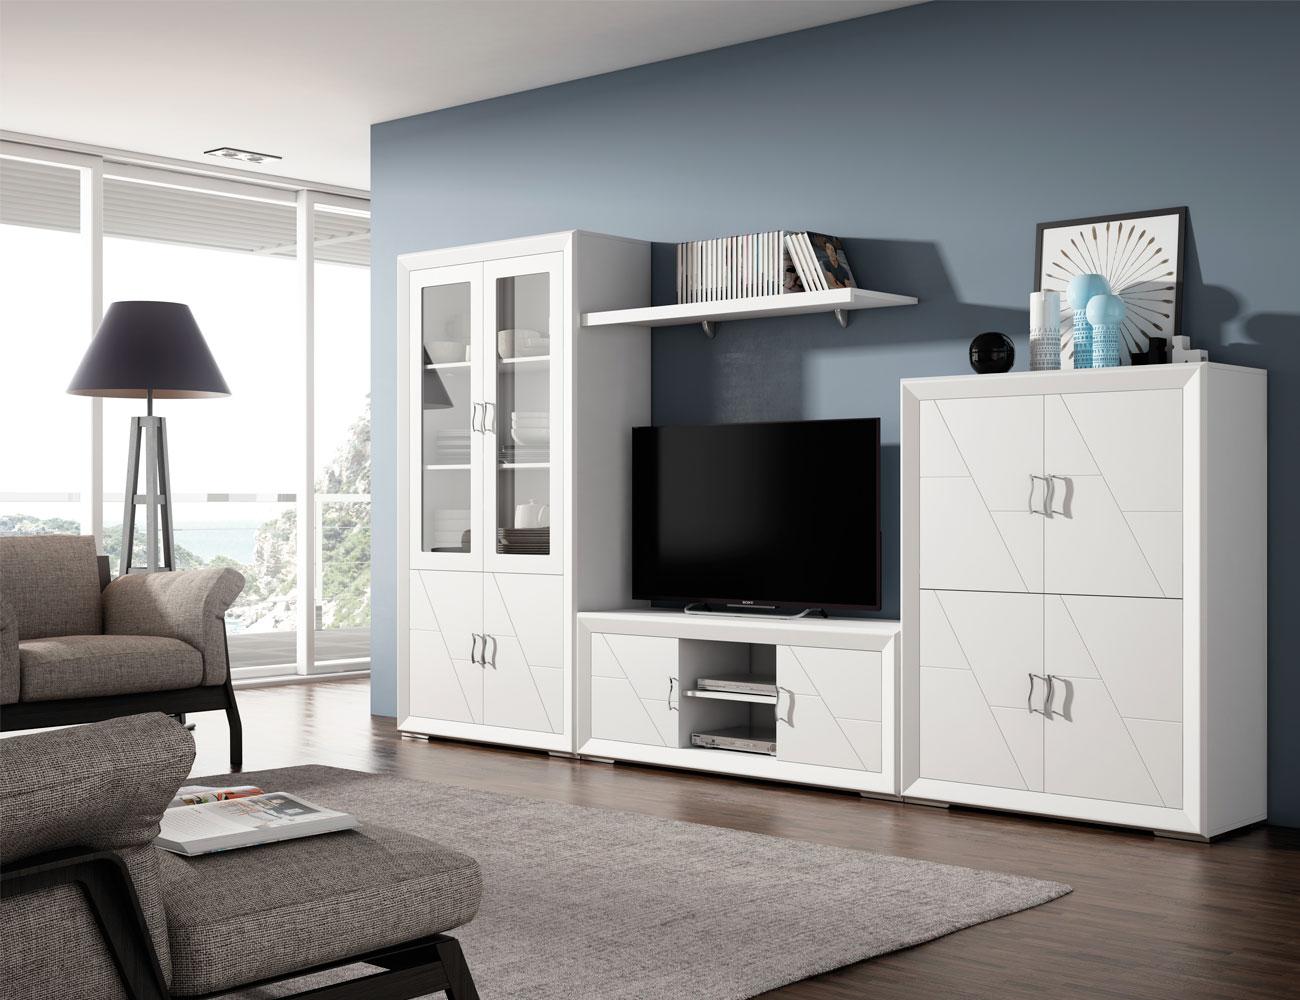 Mesa extensible en madera en color blanco lacado 8028 - Mueble lacado blanco ...